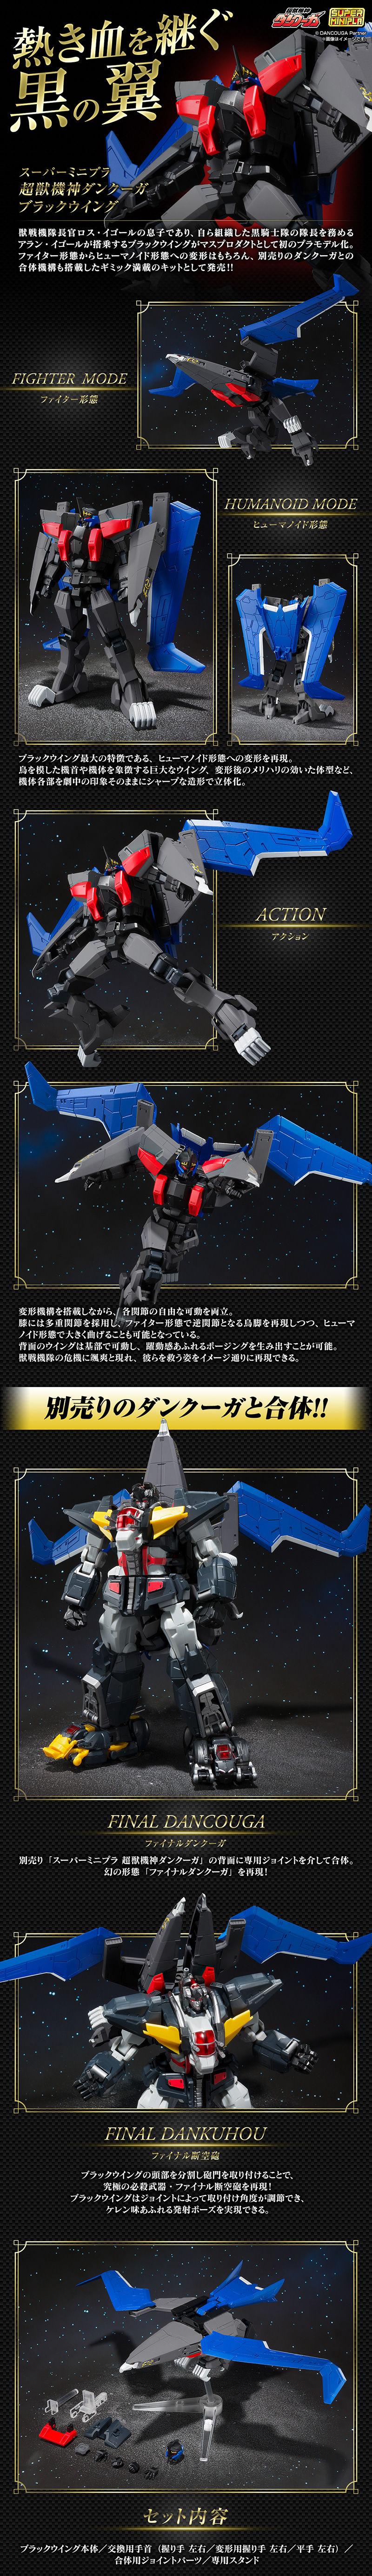 スーパーミニプラ 超獣機神ダンクーガ ブラックウイング02